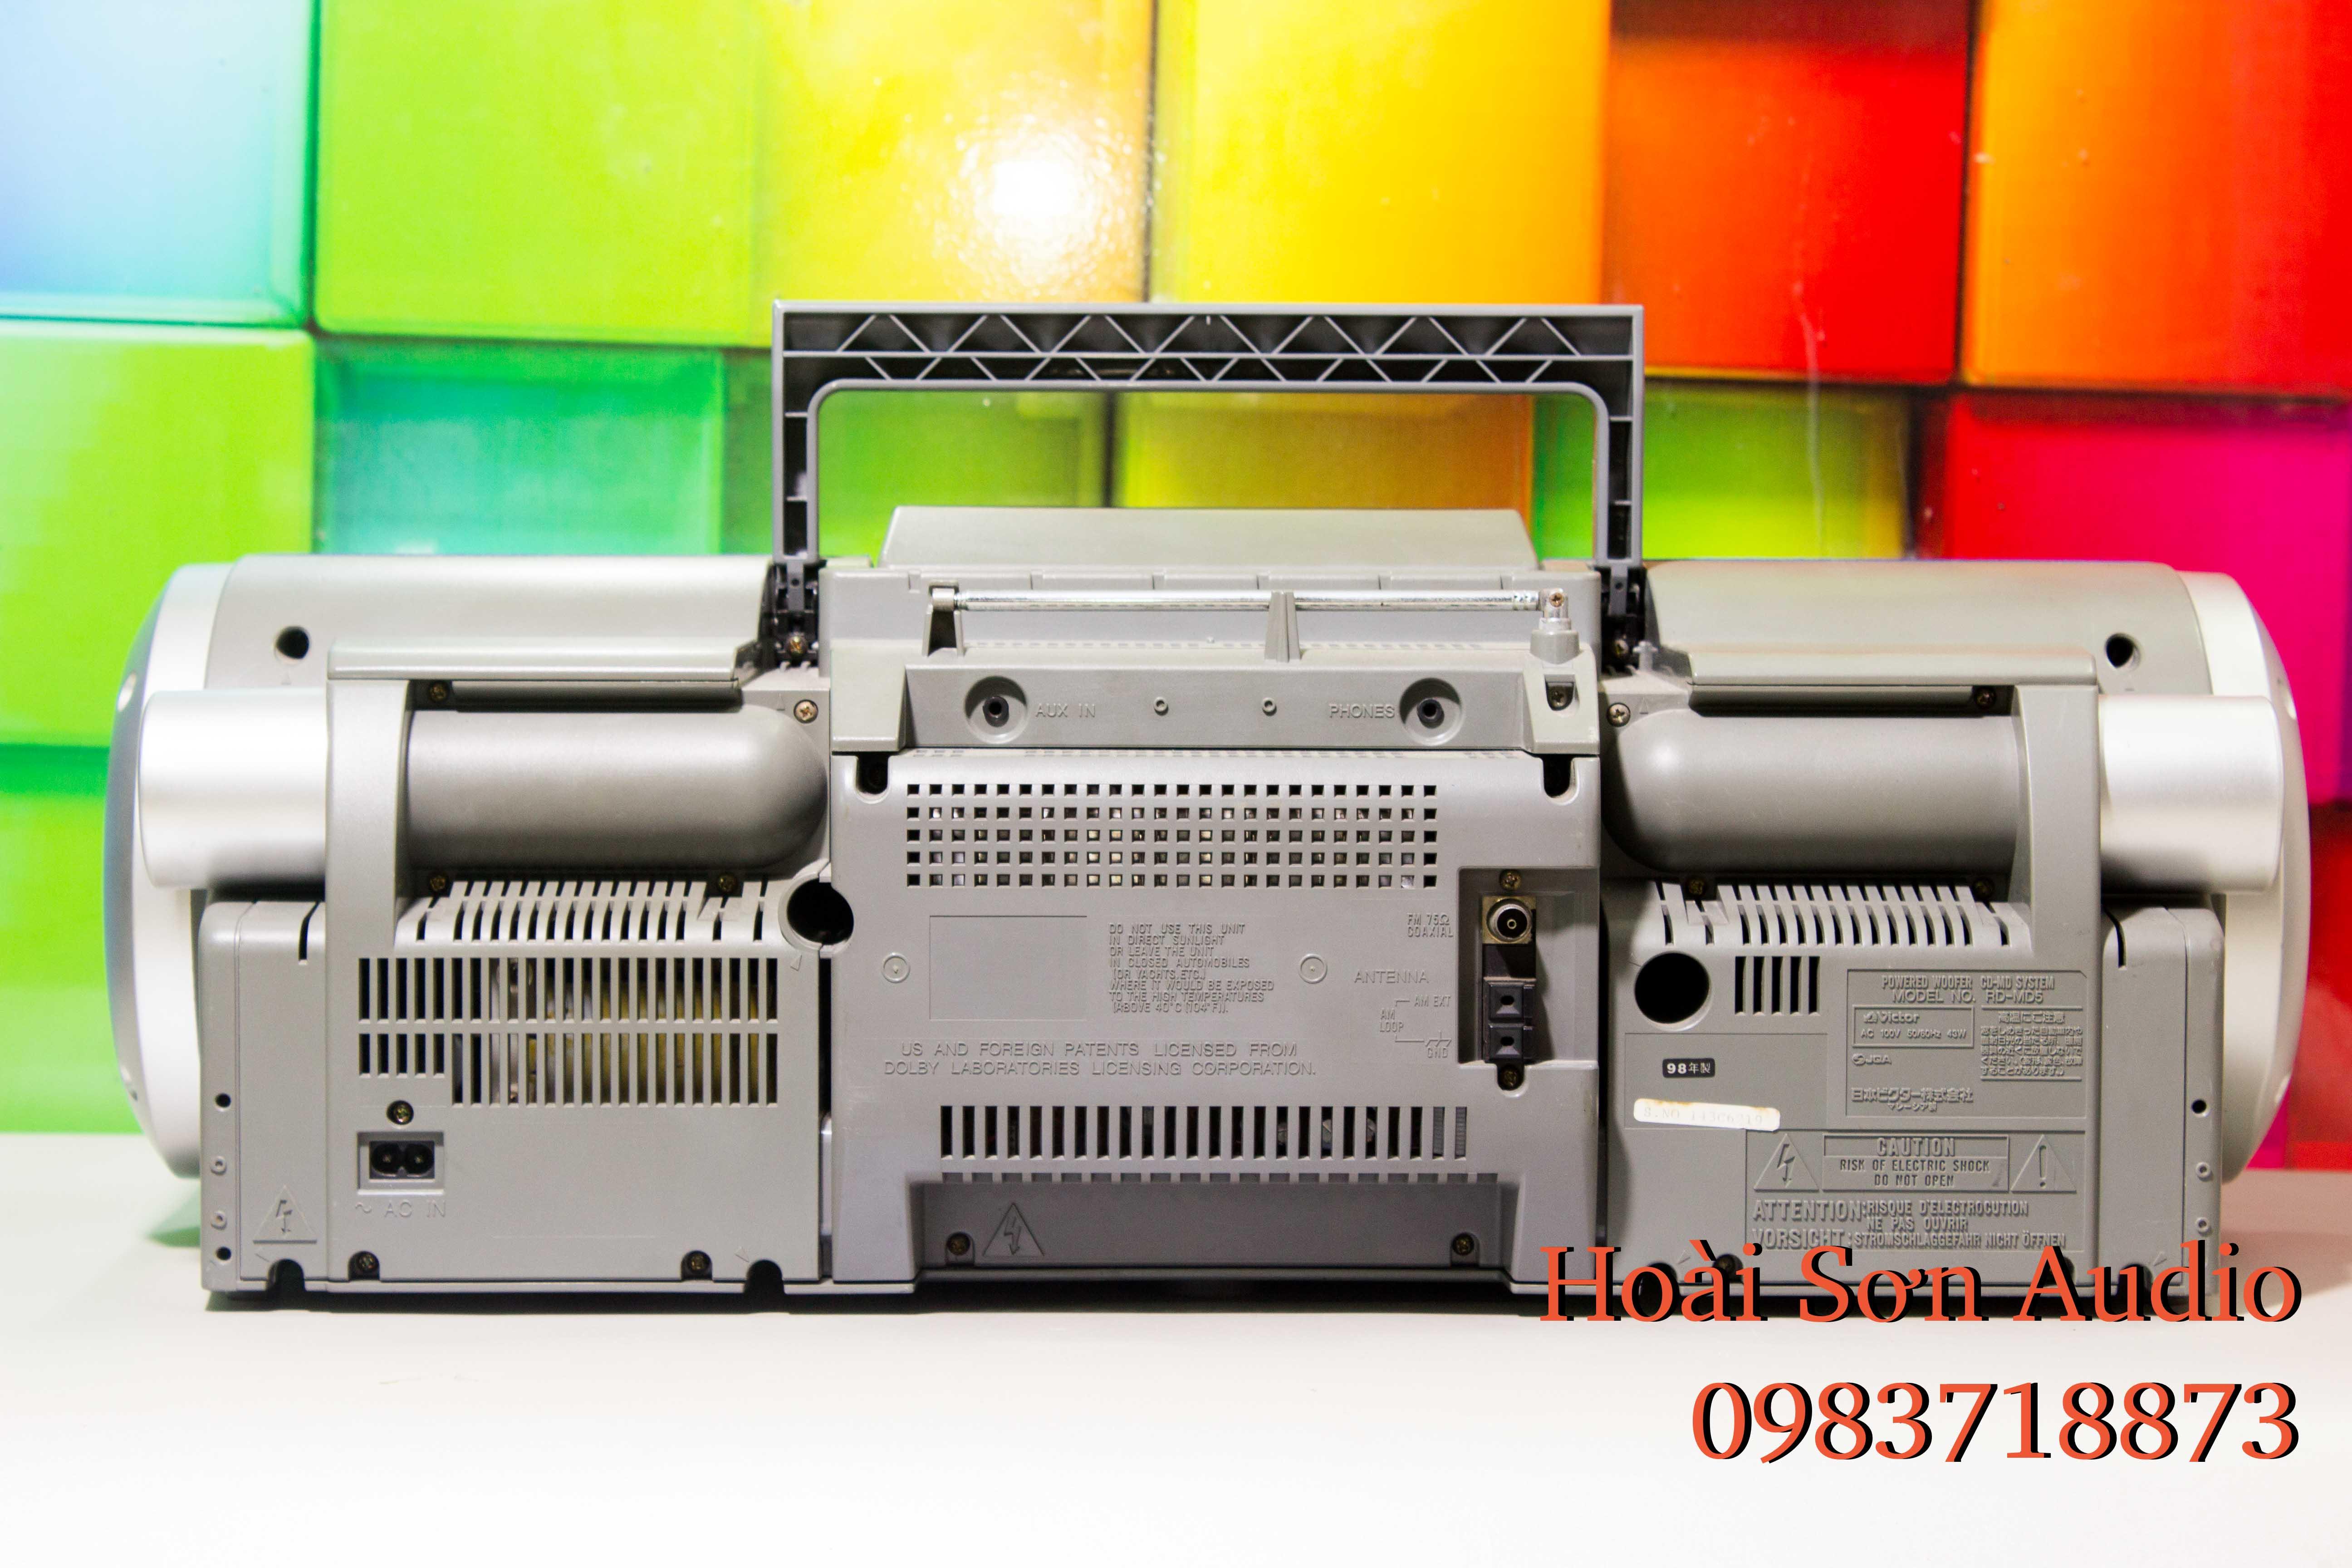 BOOMBOX VICTOR MD5 - DÒNG SERI ĐÌNH ĐÁM CỦA VICTOR